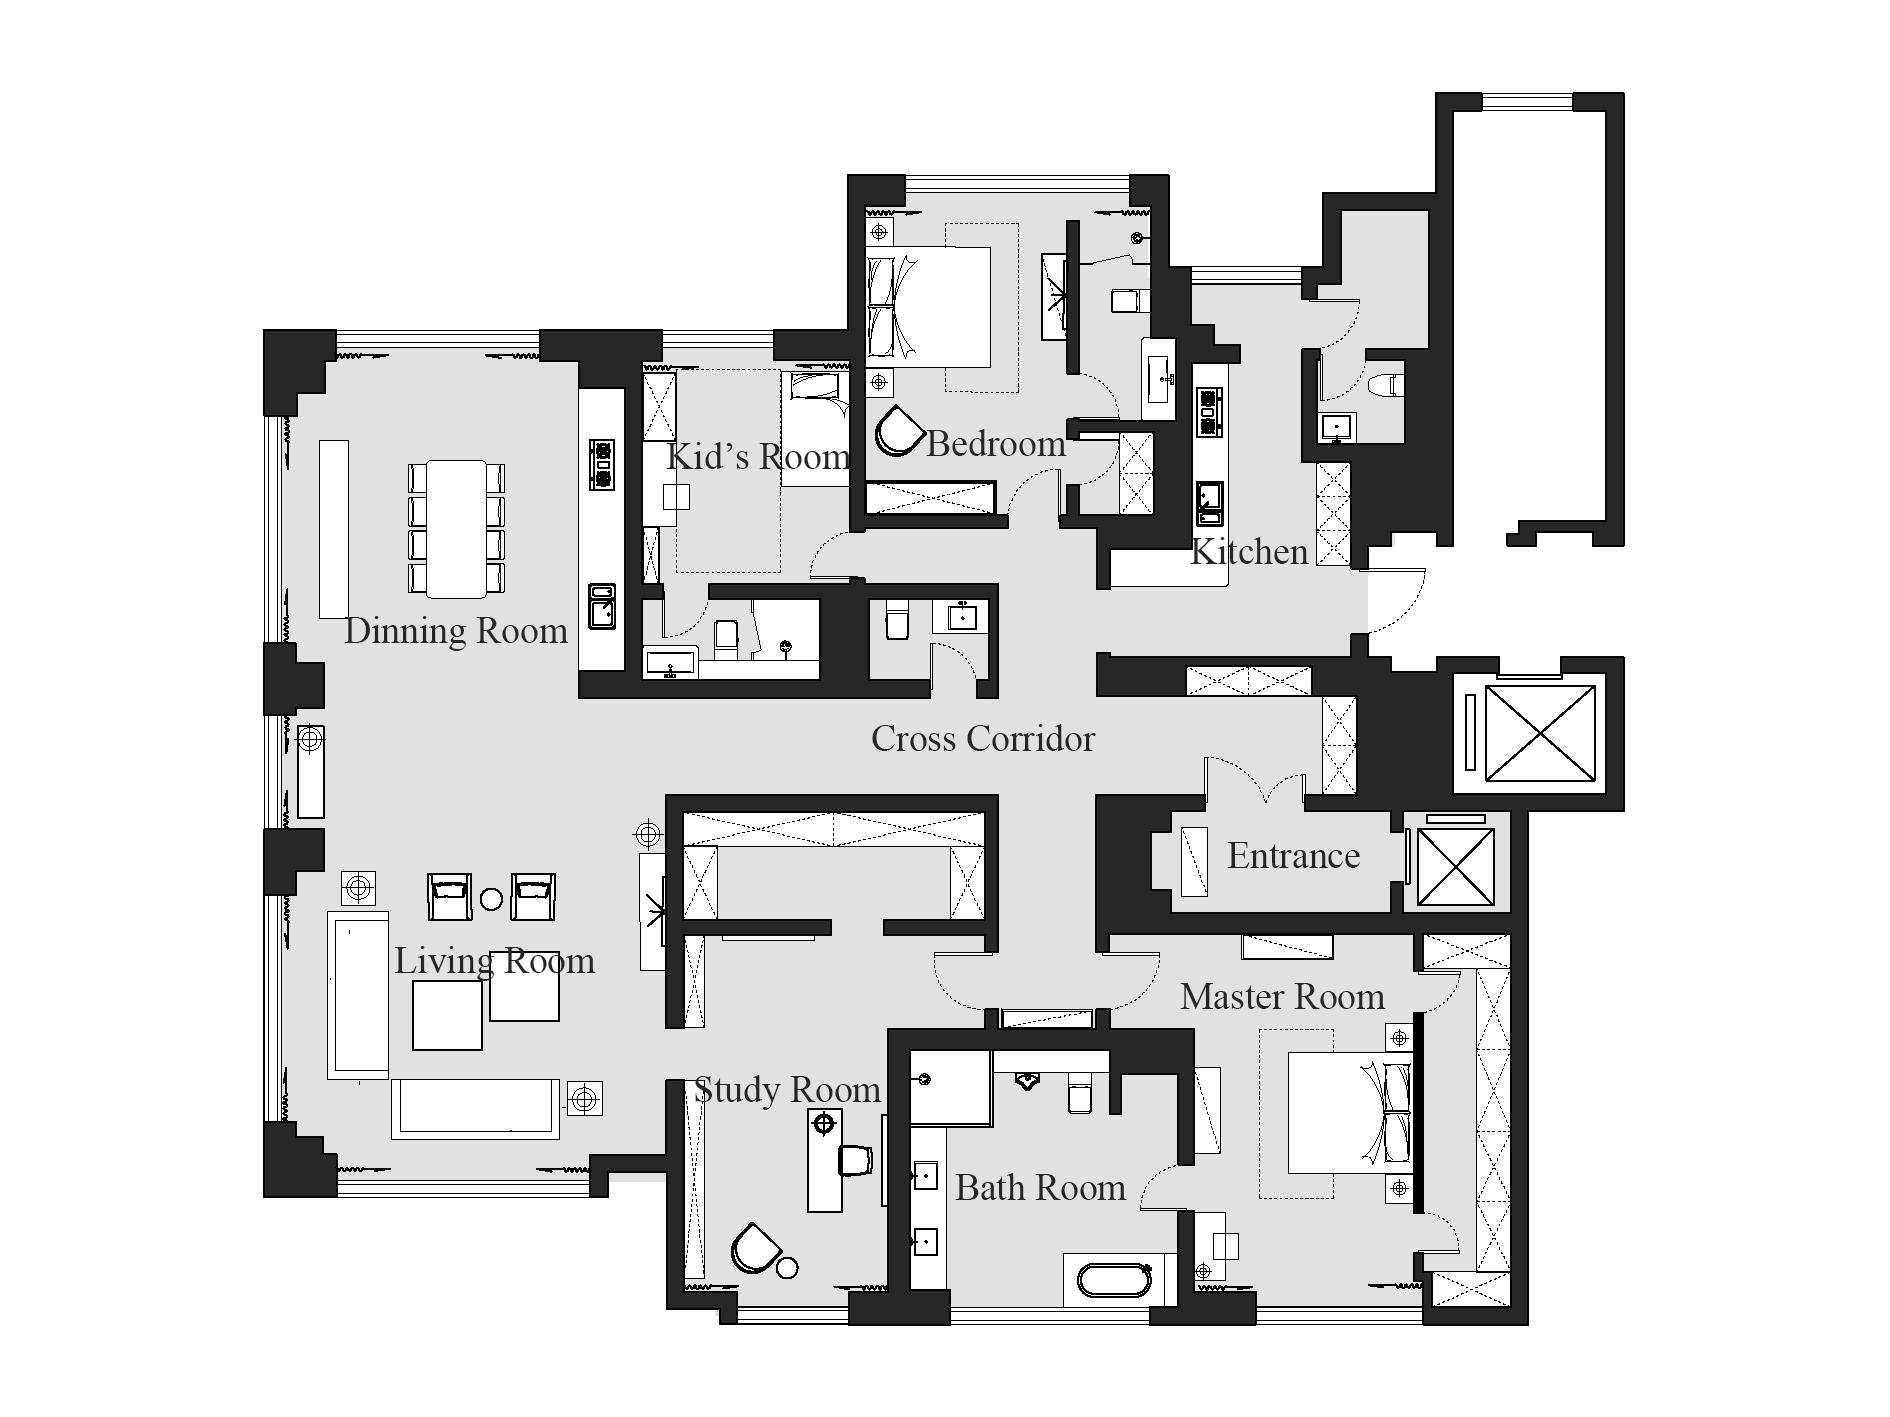 东山公寓-装饰艺术-390㎡装修设计理念